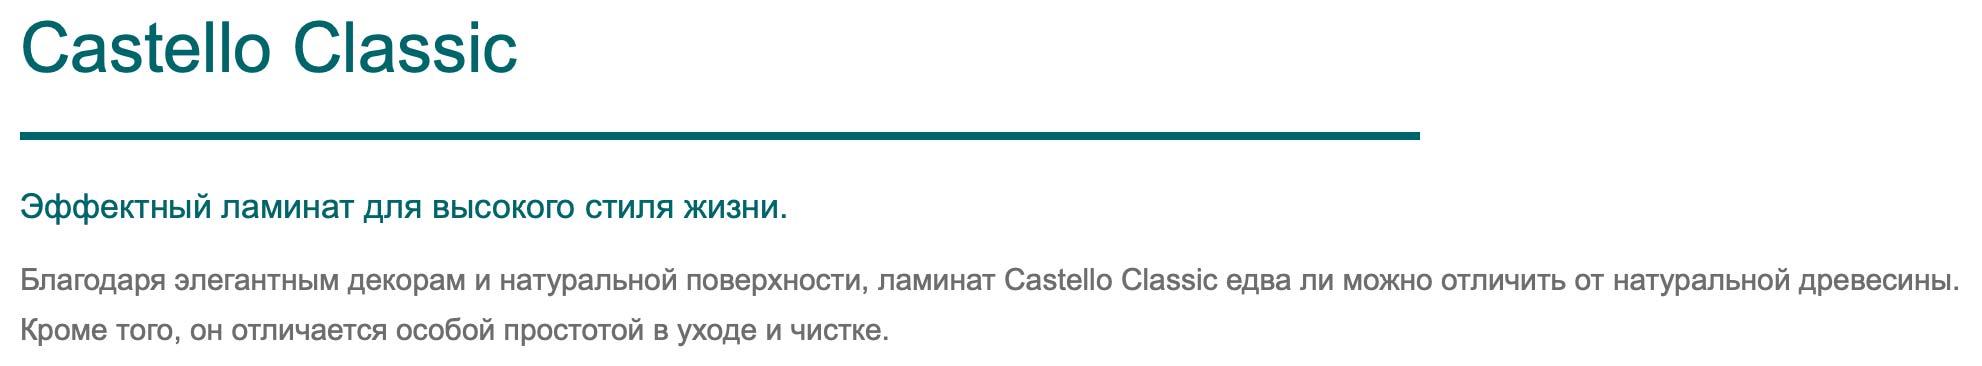 CASTELLO CLASSIC - описание товара